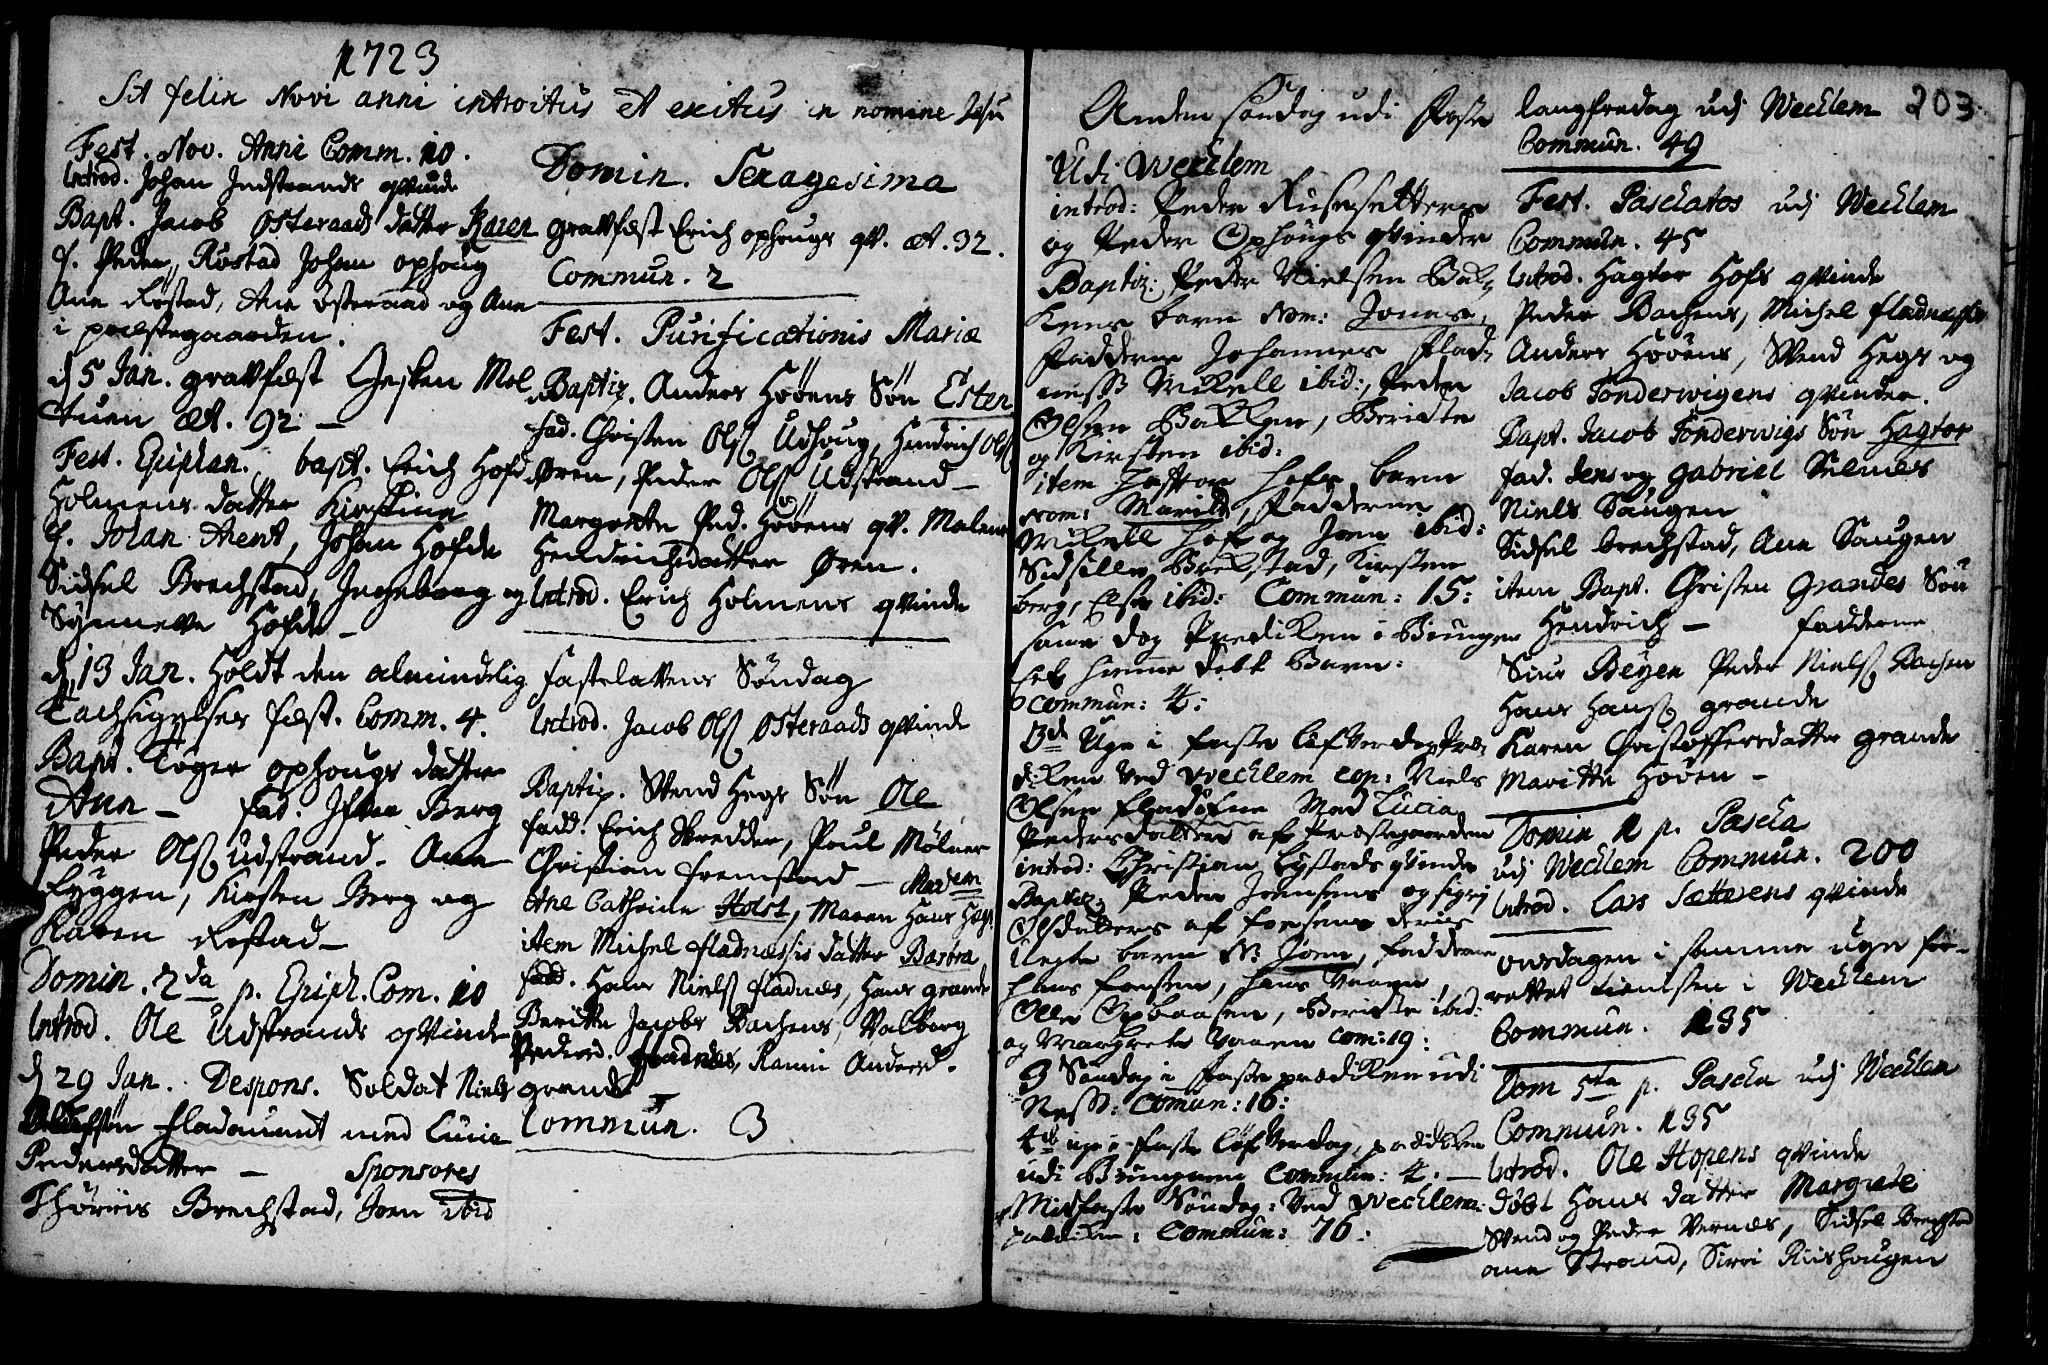 SAT, Ministerialprotokoller, klokkerbøker og fødselsregistre - Sør-Trøndelag, 659/L0731: Ministerialbok nr. 659A01, 1709-1731, s. 202-203